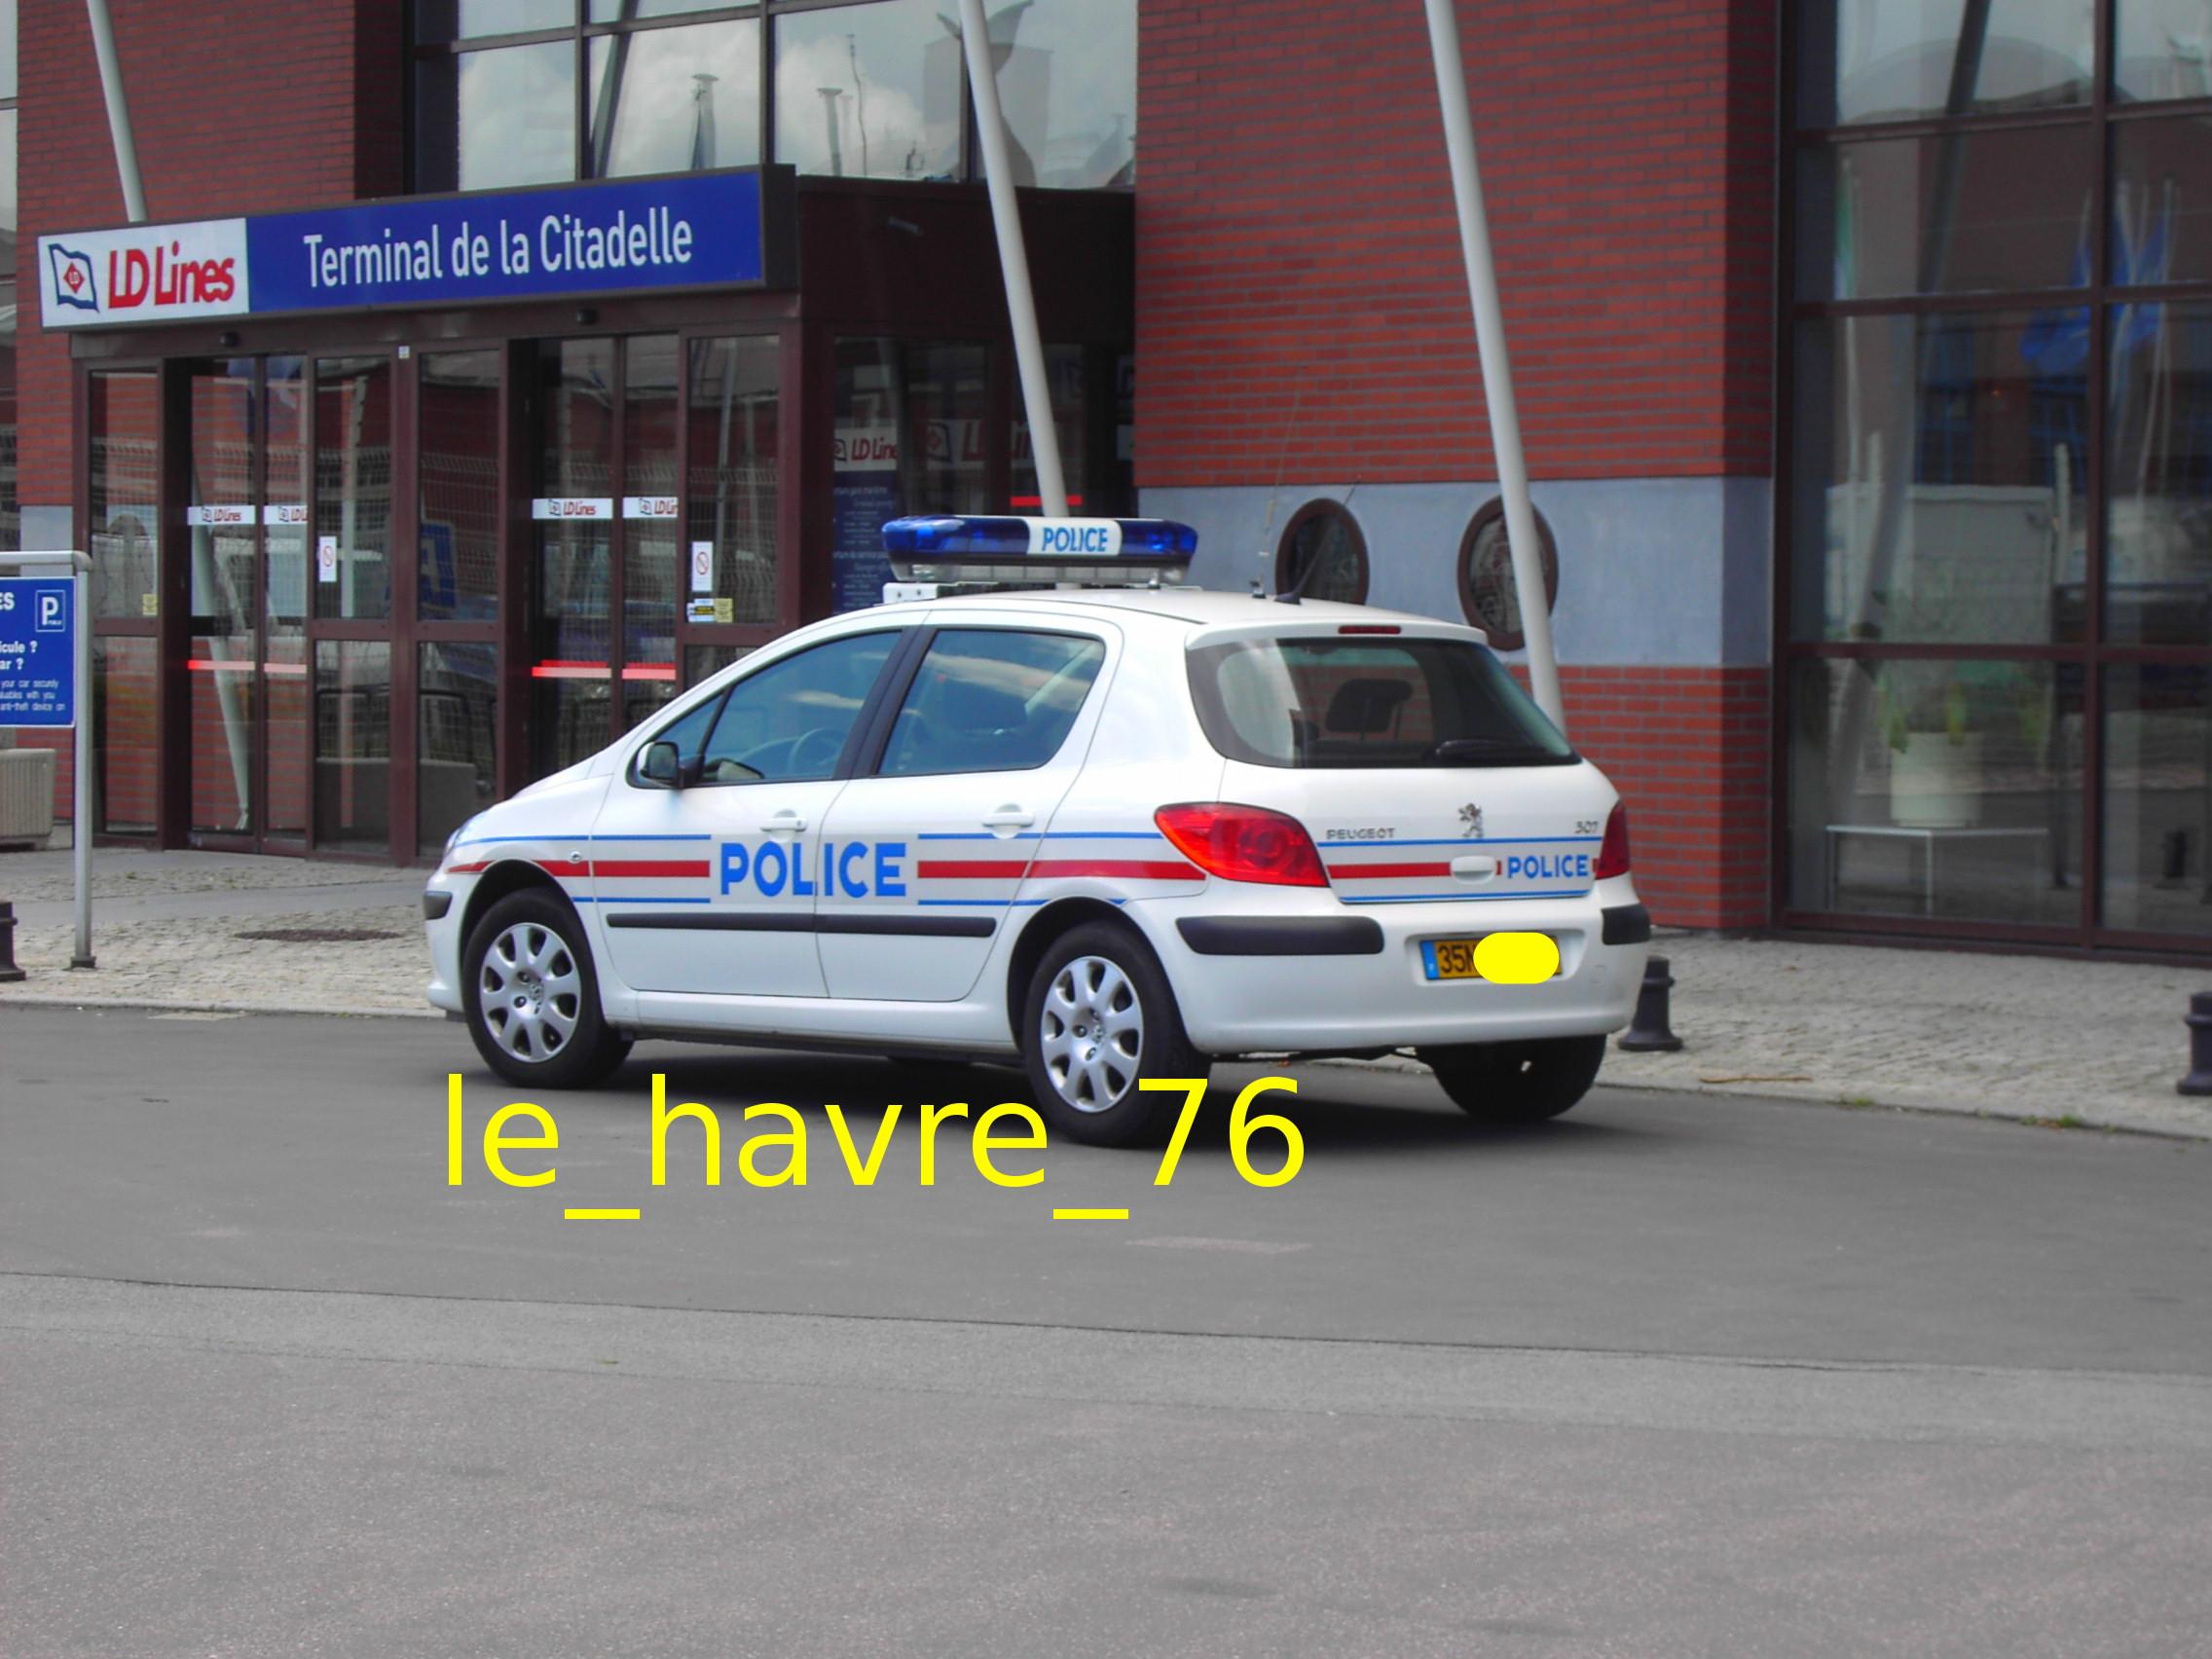 photos de voitures de police page 1352 auto titre. Black Bedroom Furniture Sets. Home Design Ideas